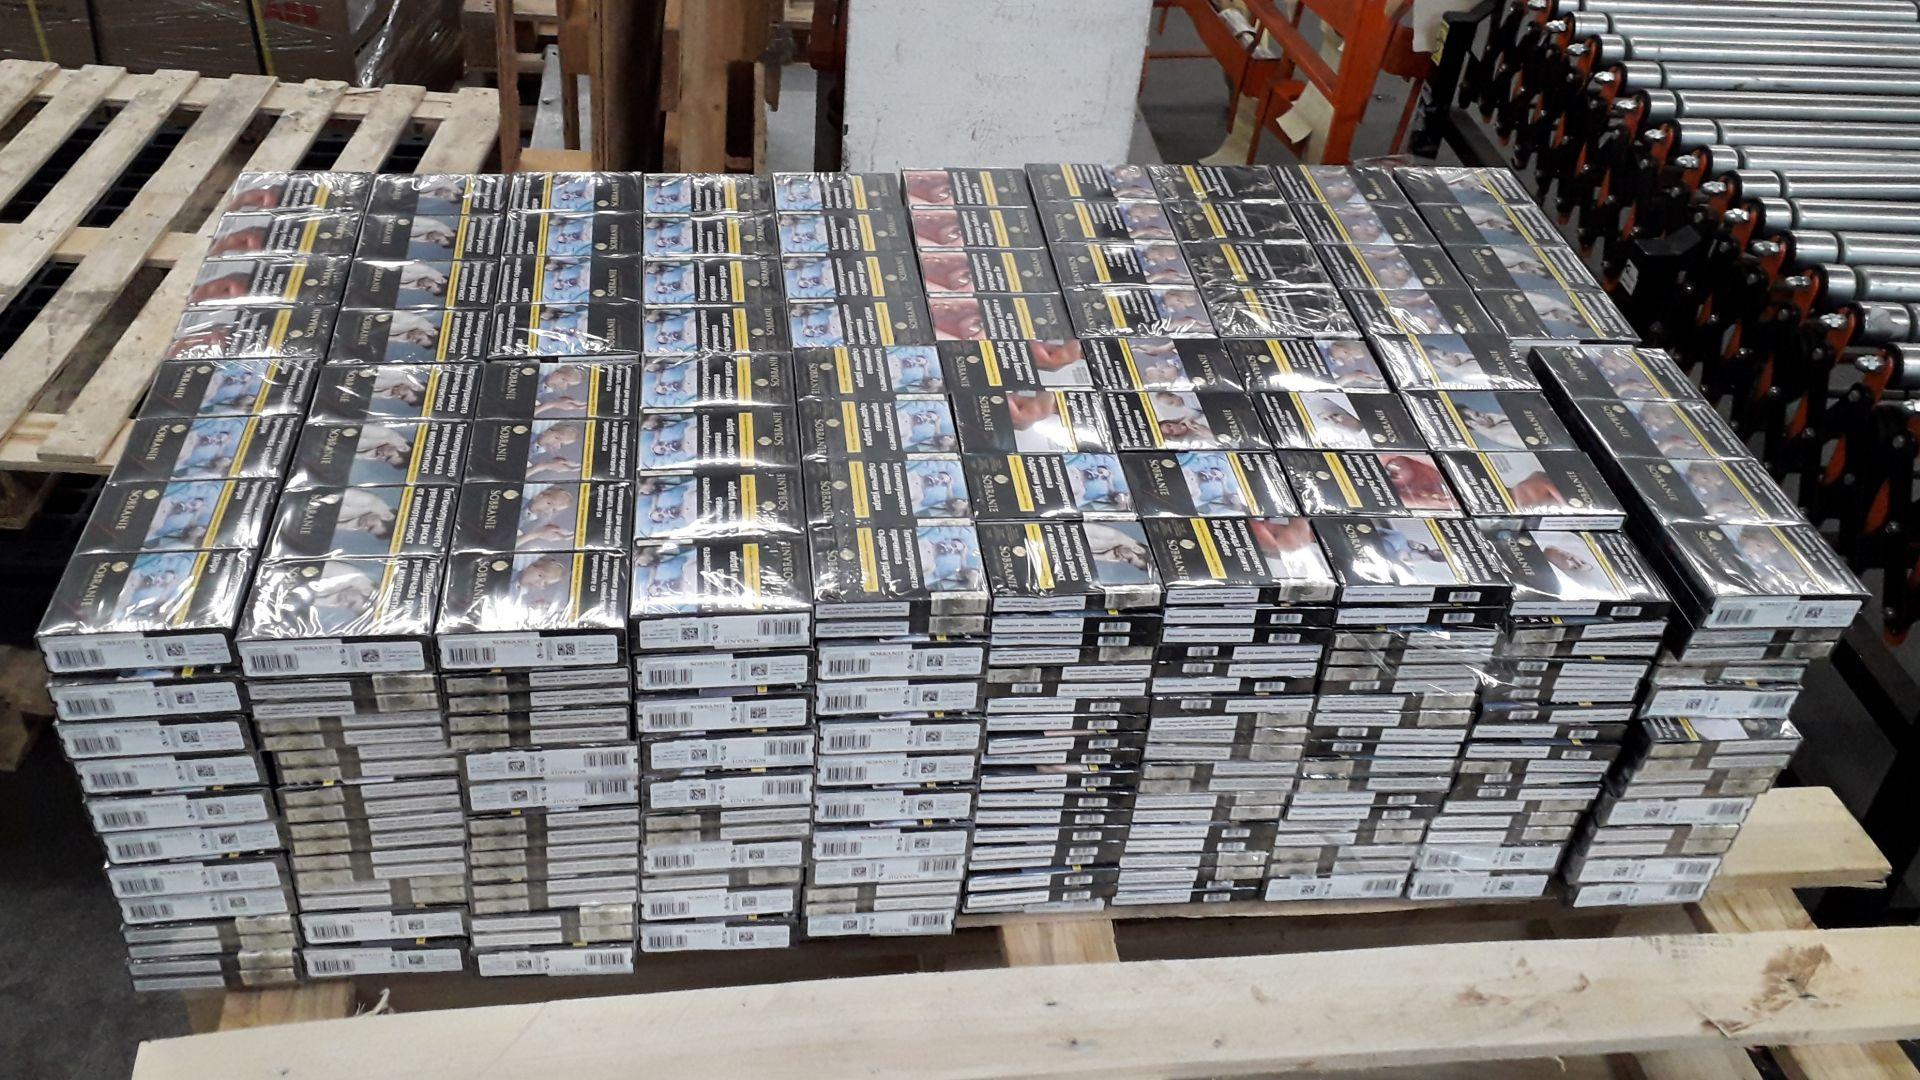 Откриха 31 840 къса контрабандни цигари, скрити в компютри (снимки)